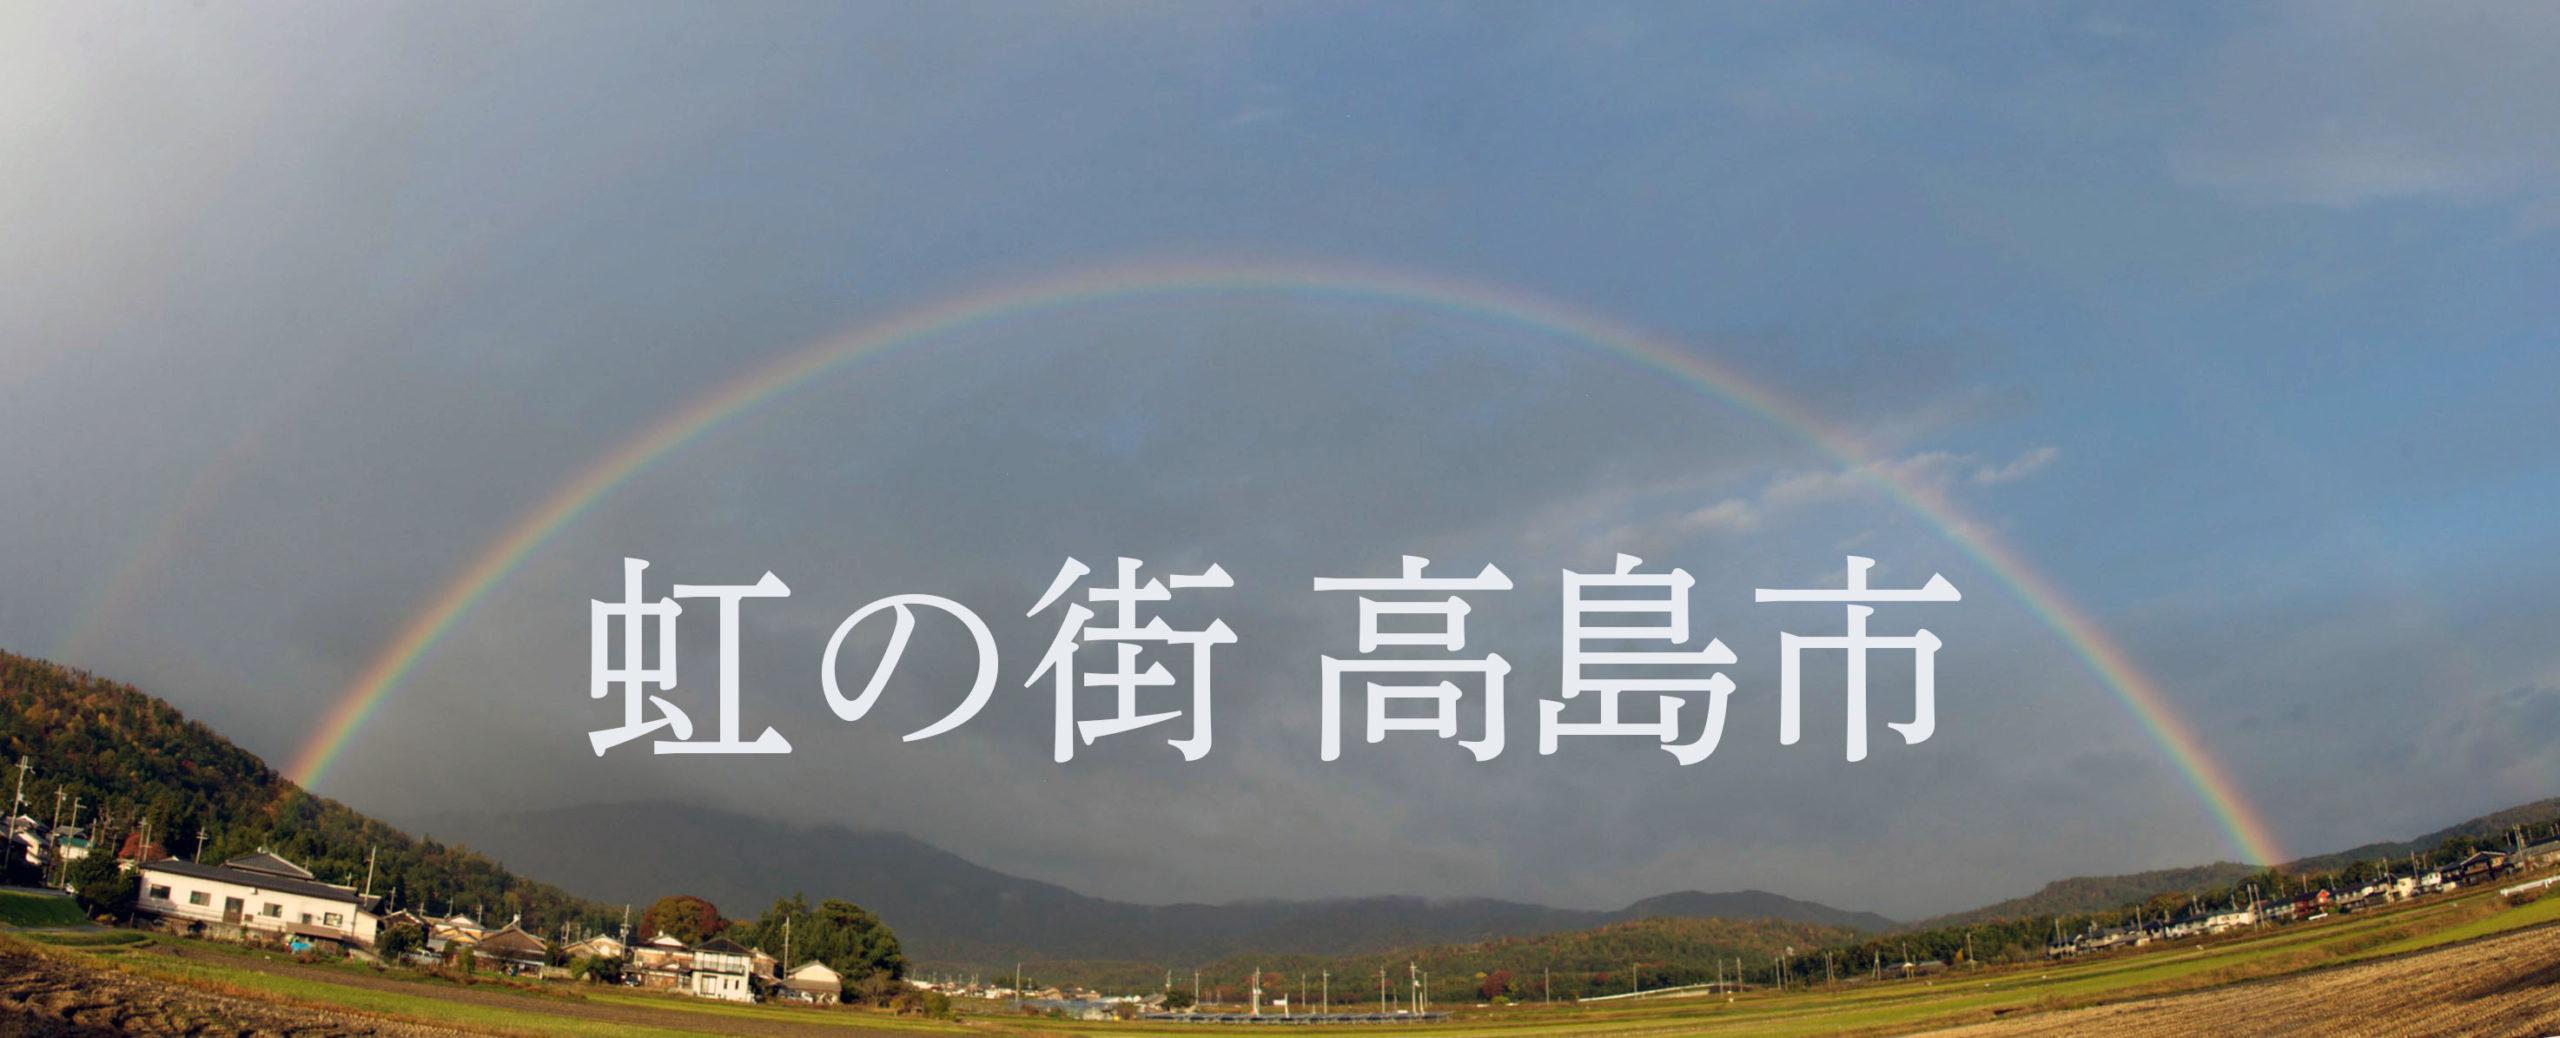 虹の街 高島市